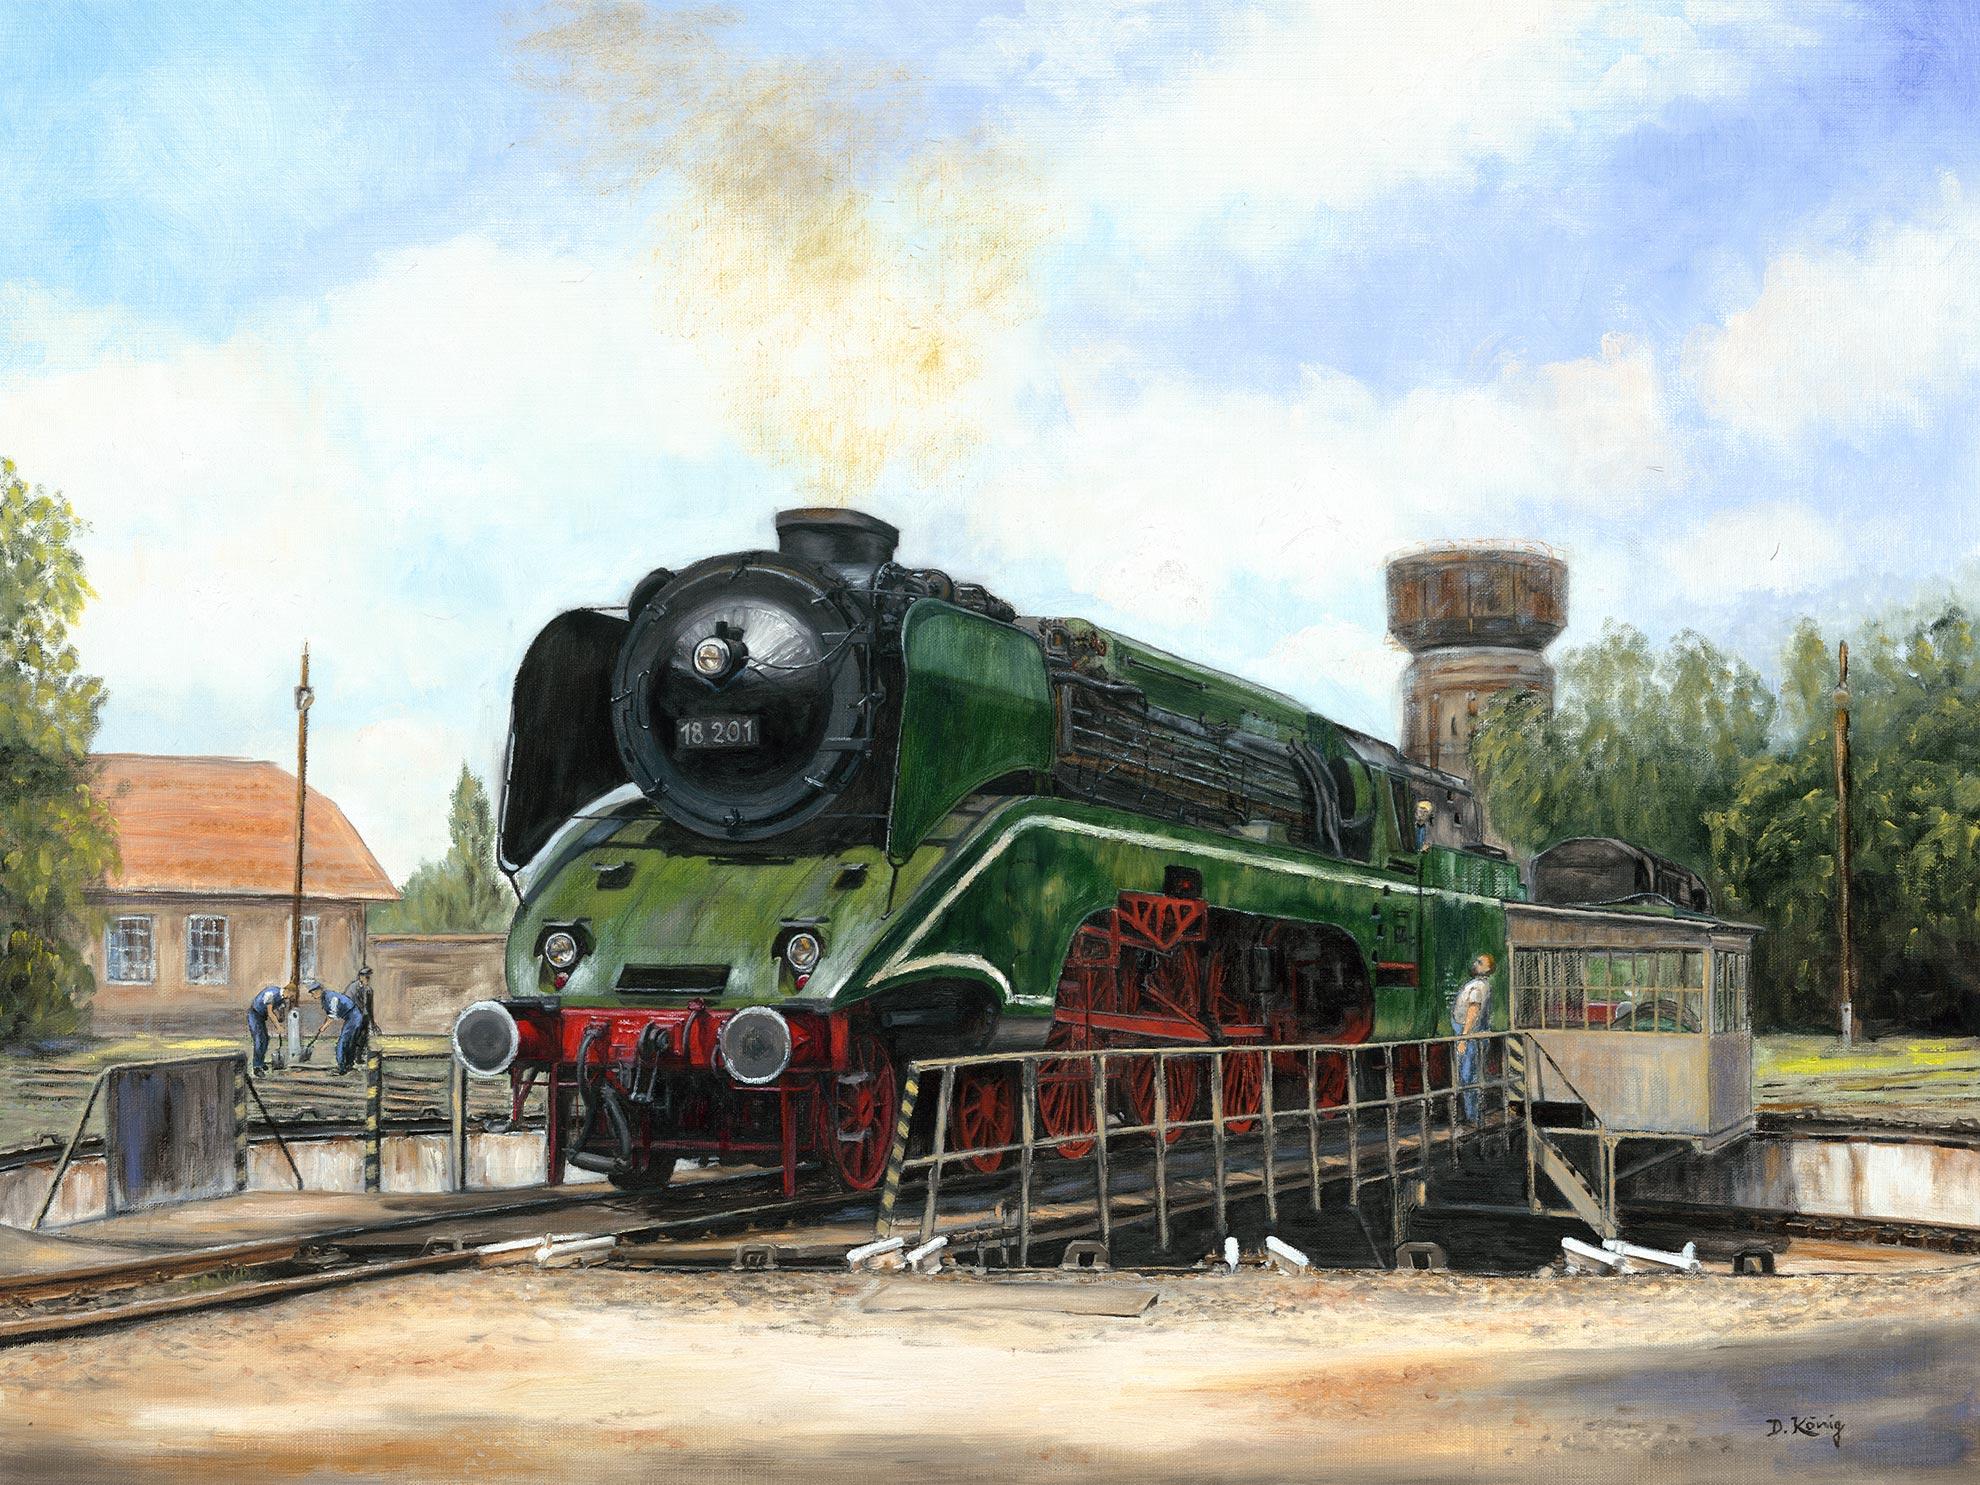 In Der Fremde - Dampflok 18 201 Auf Der Drehscheibe Des Eisenbahnmuseums Budapest - 60 X 80 Cm - Öl Auf Leinen